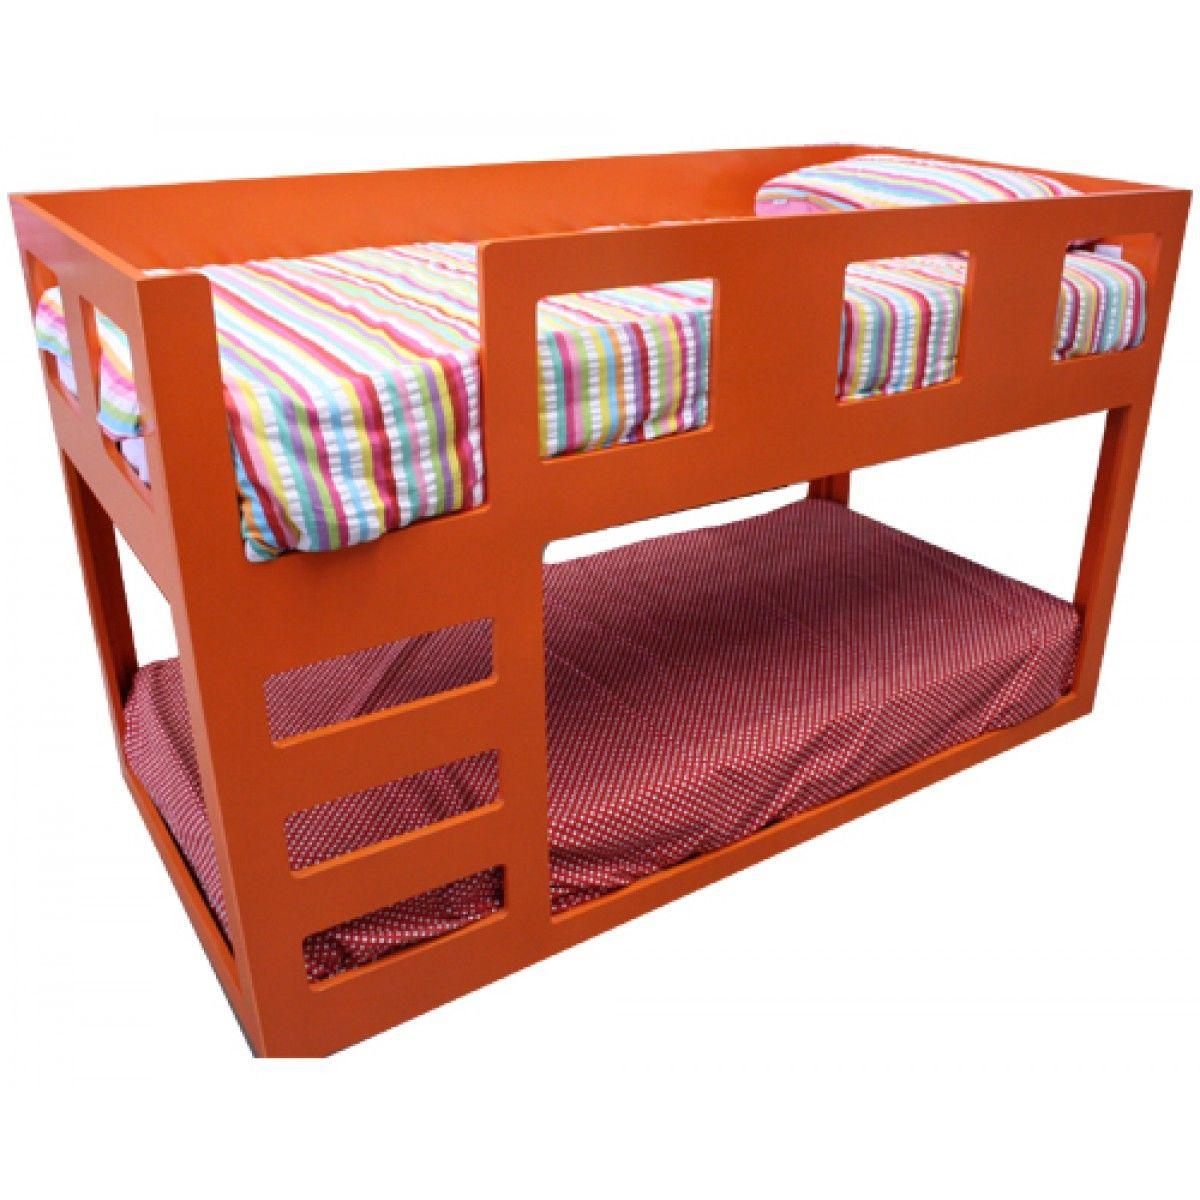 Buy Mini kids bunk bed Online in Australia, Find best Beds